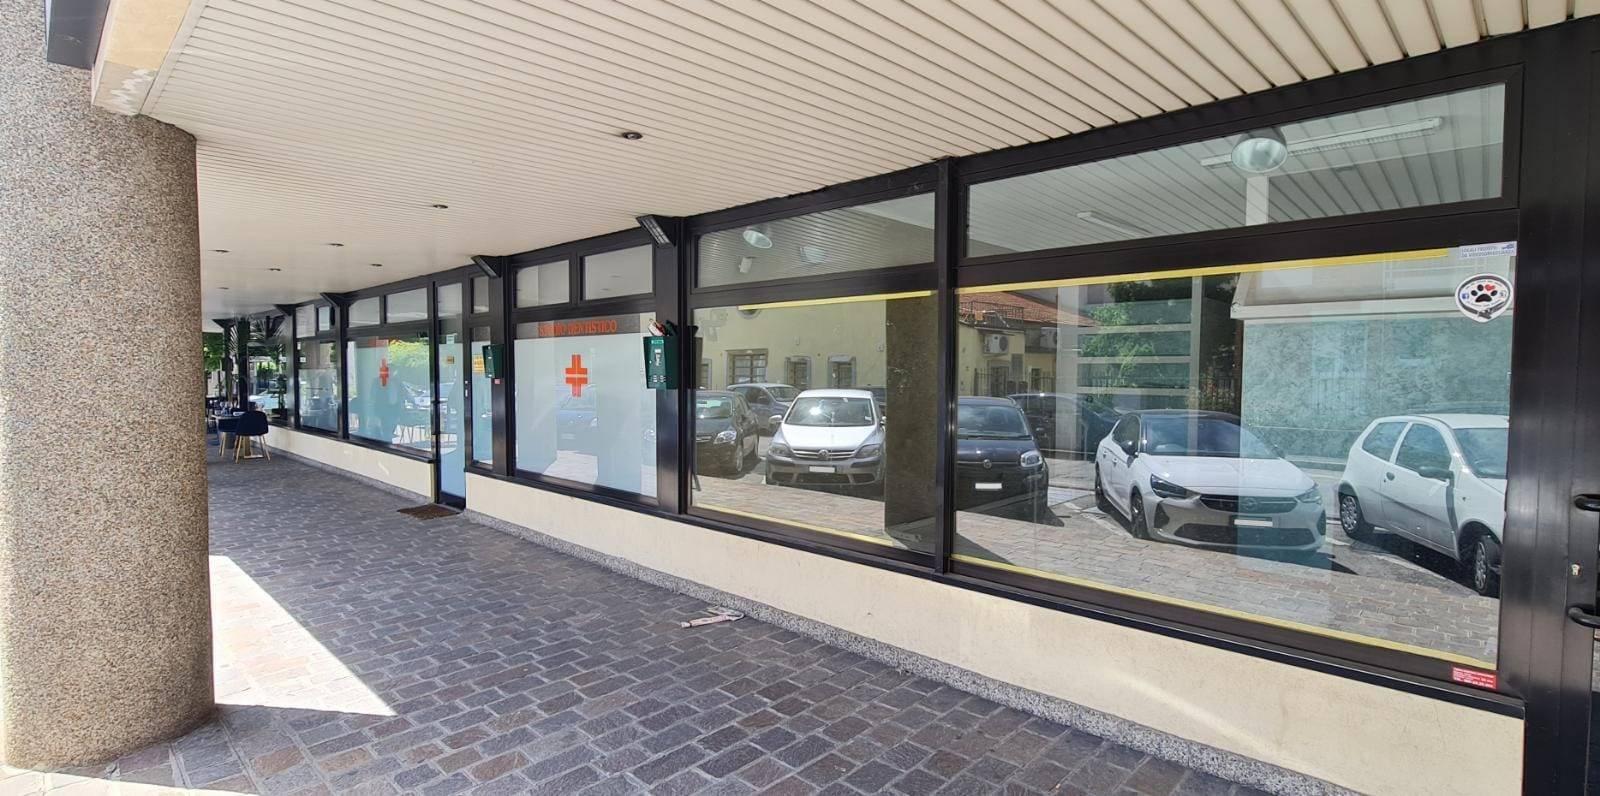 Negozio / Locale in vendita a Cusano Milanino, 1 locali, prezzo € 127.500   CambioCasa.it